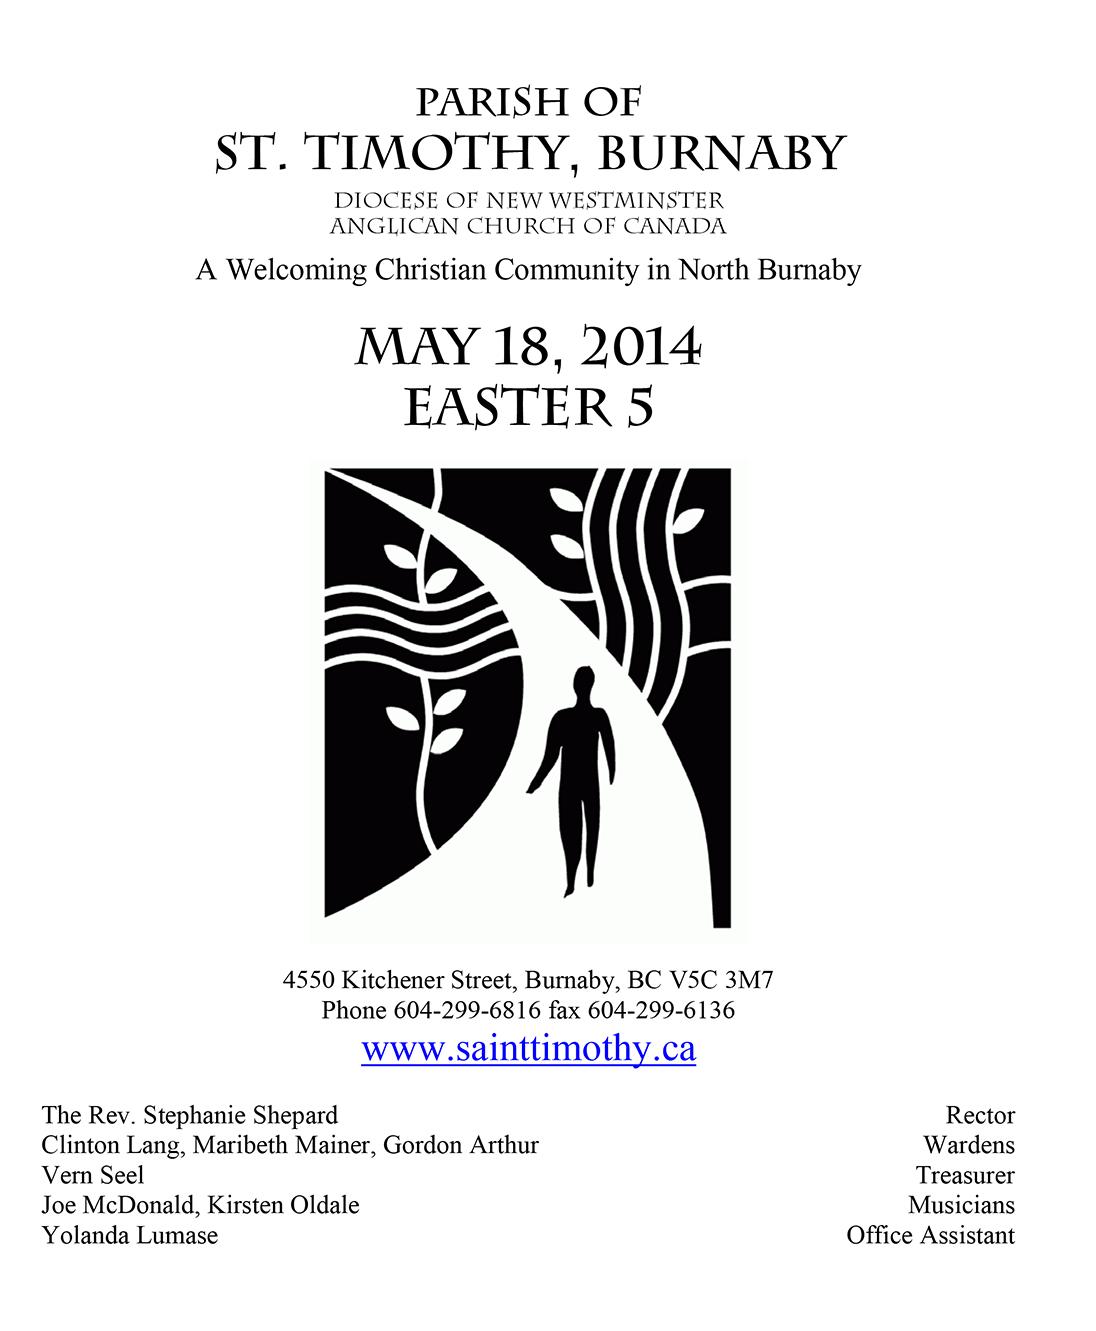 Bulletin: May 18, 2014